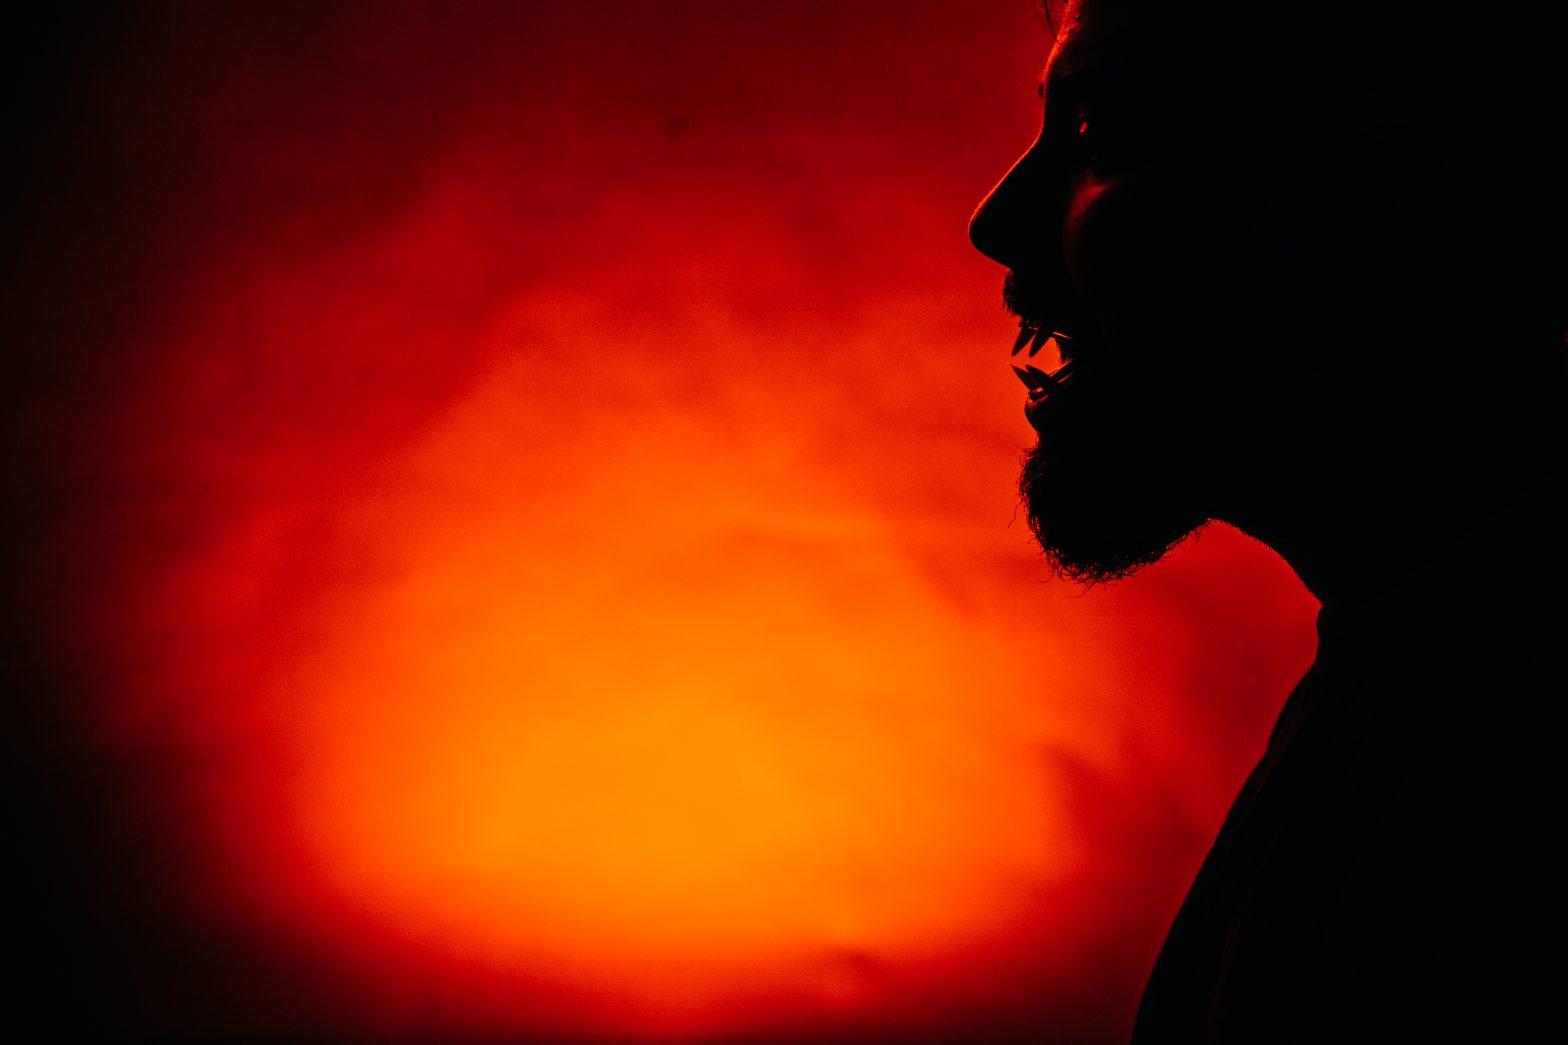 Imagen de un hombre lobo sobre un fondo naranja. Representa los monstruos o personas tóxicas con las que trabajamos.